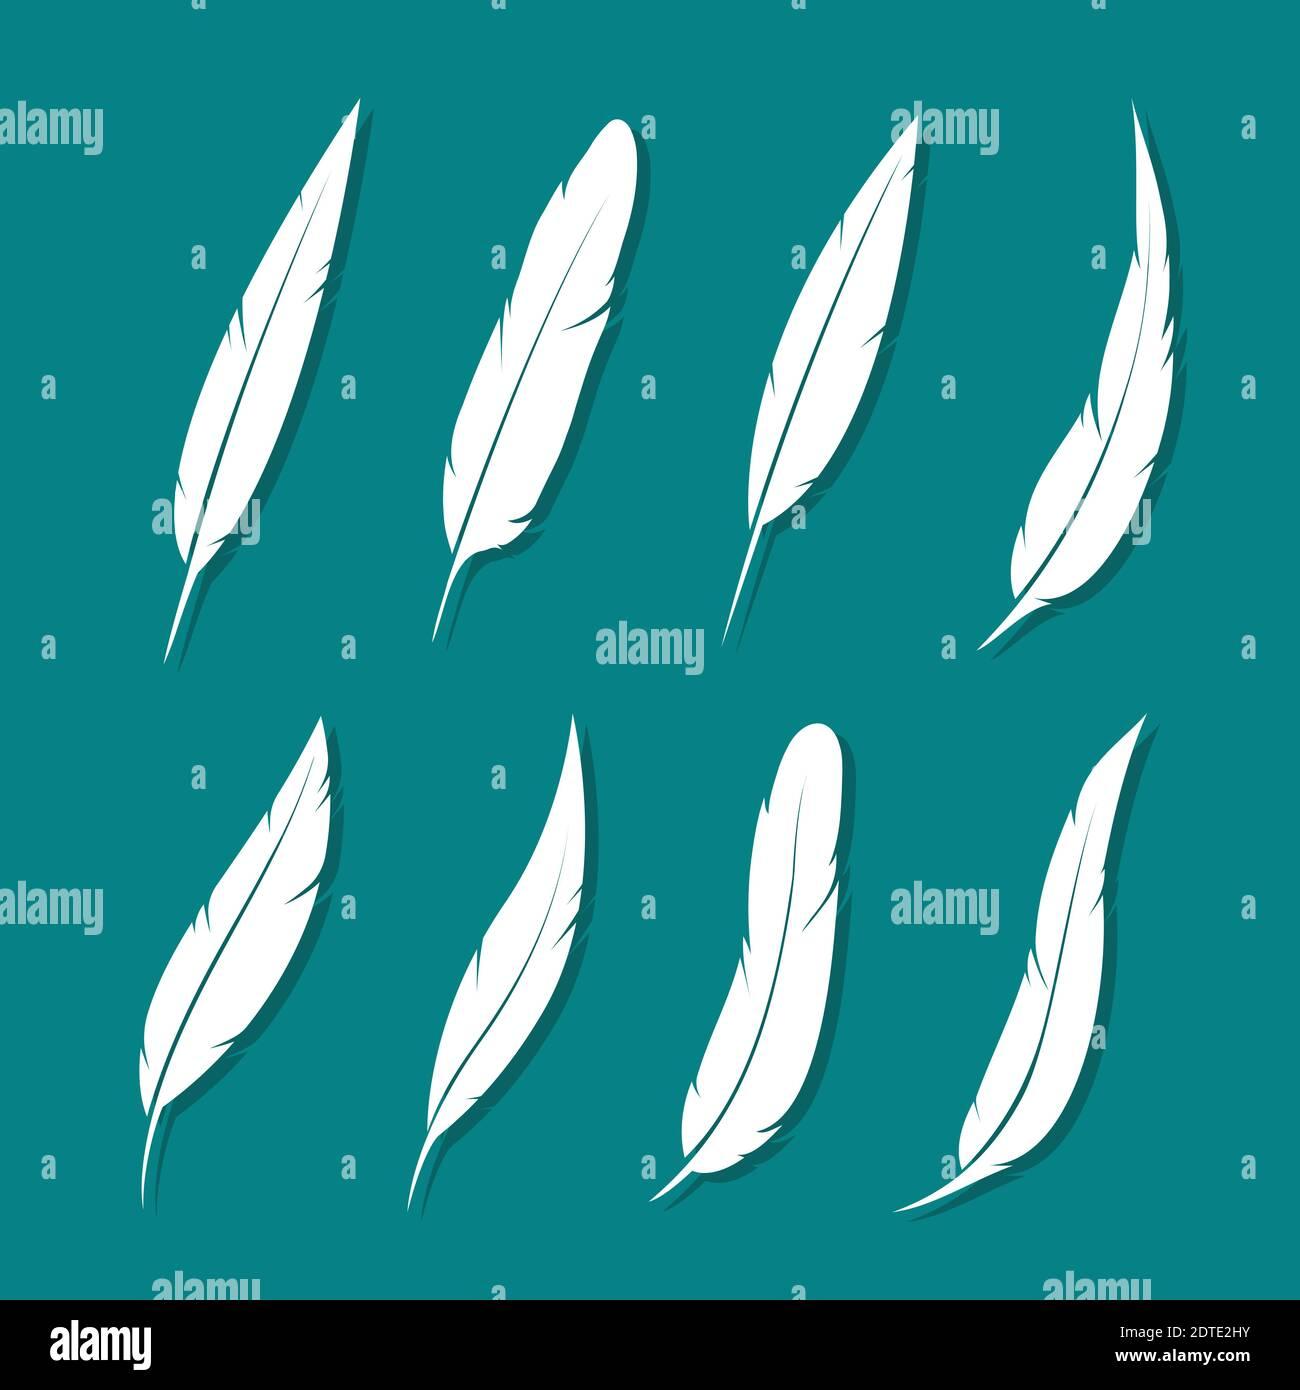 Grupo vectorial de pluma blanca sobre fondo azul. Ilustración de vector en capas fácil de editar. Animales salvajes. Ilustración del Vector